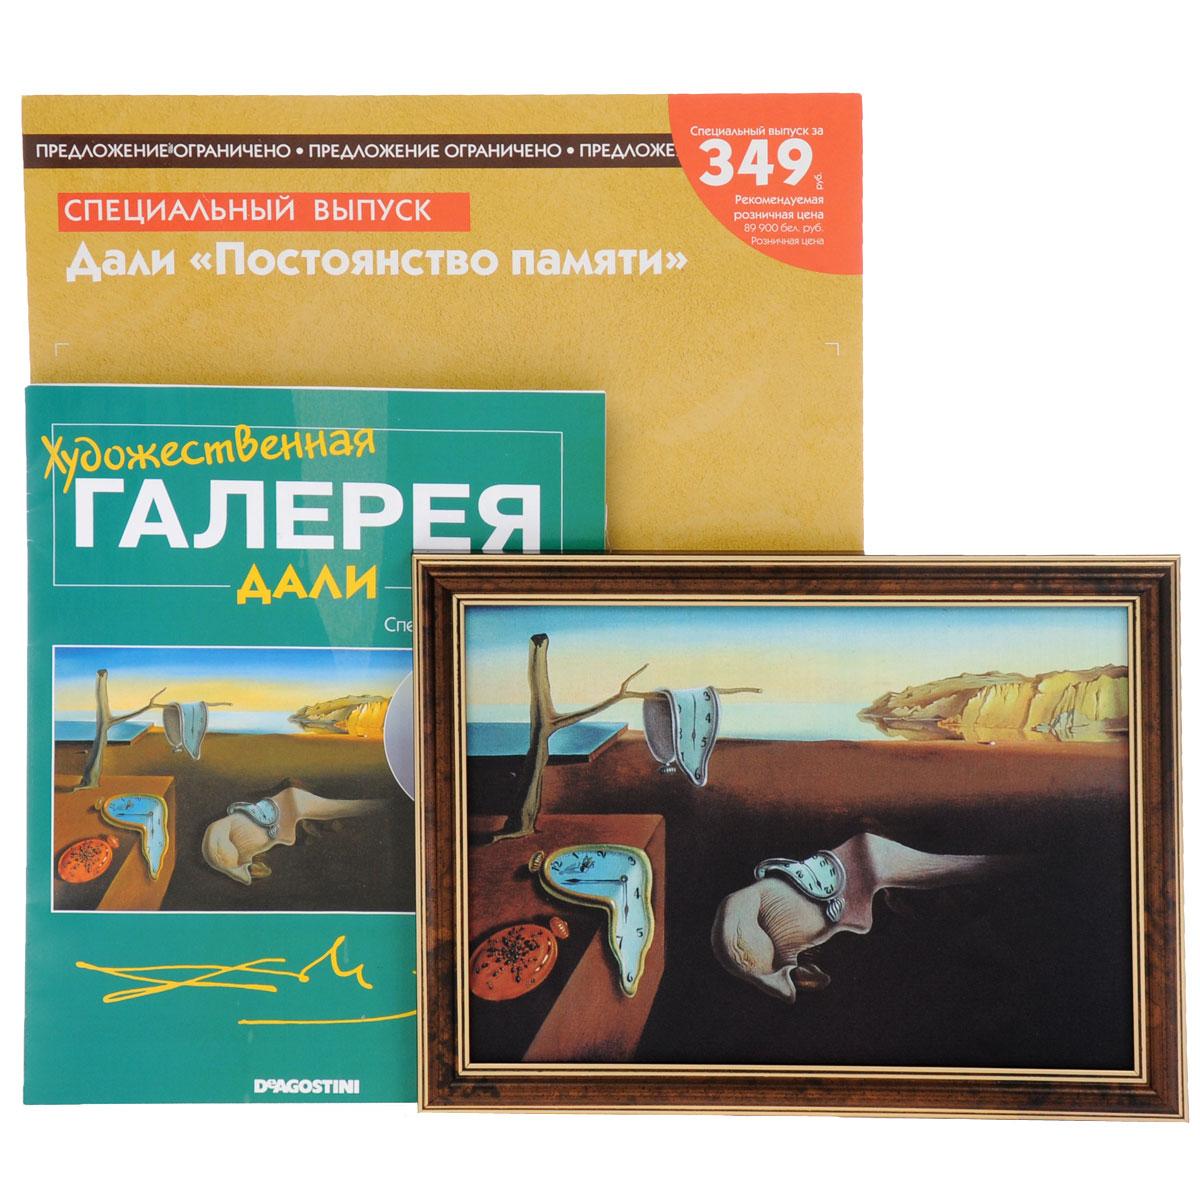 Журнал Художественная галерея. Специальный выпуск №3ARTGAL003SPECIALISSUEСпецвыпуск к коллекции ДеАгостини Художественная галерея посвящен выдающемуся представителю сюрреализма в живописи, Сальвадору Дали, и содержит репродукцию его знаменитой работы Постоянство памяти. Этот спецвыпуск станет приятным подарком для ценителей живописи, поможет узнать много интересной информации о великом художнике XX века, его жизни и творчестве, и погрузиться в мир поразительных сюрреалистических образов. В этом спецвыпуске вы подробно познакомитесь и интересными фактами из биографии и гениальными произведениями знаменитого испанского живописца Сальвадора Дали. Одной из наиболее интересных и знаменитых работ этого гениального автора является картина Постоянство памяти, которой в данном издании уделяется особое внимание. Спецвыпуск к серии ДеАгостини Художественная галерея дополнен высококачественной репродукцией этой удивительной работы. Репродукция выполнена на имитации холста и обрамлена лаконичной, элегантной рамкой. Эта картина...